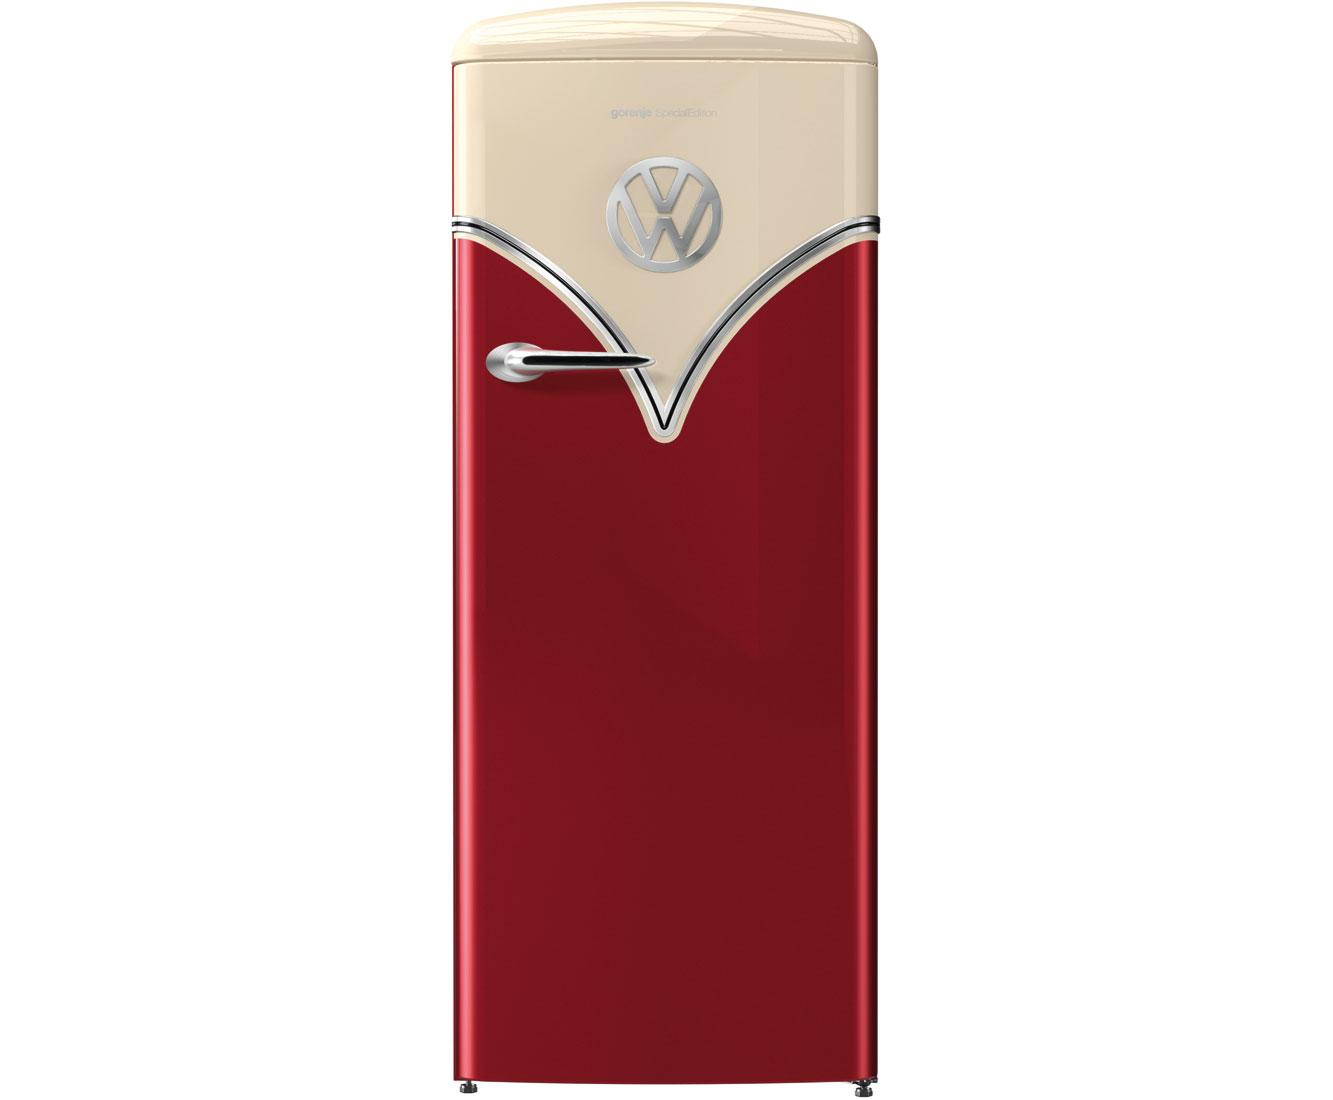 Gorenje Kühlschrank Ion Air : Gorenje obrb r kühlschrank mit gefrierfach rot edelstahl